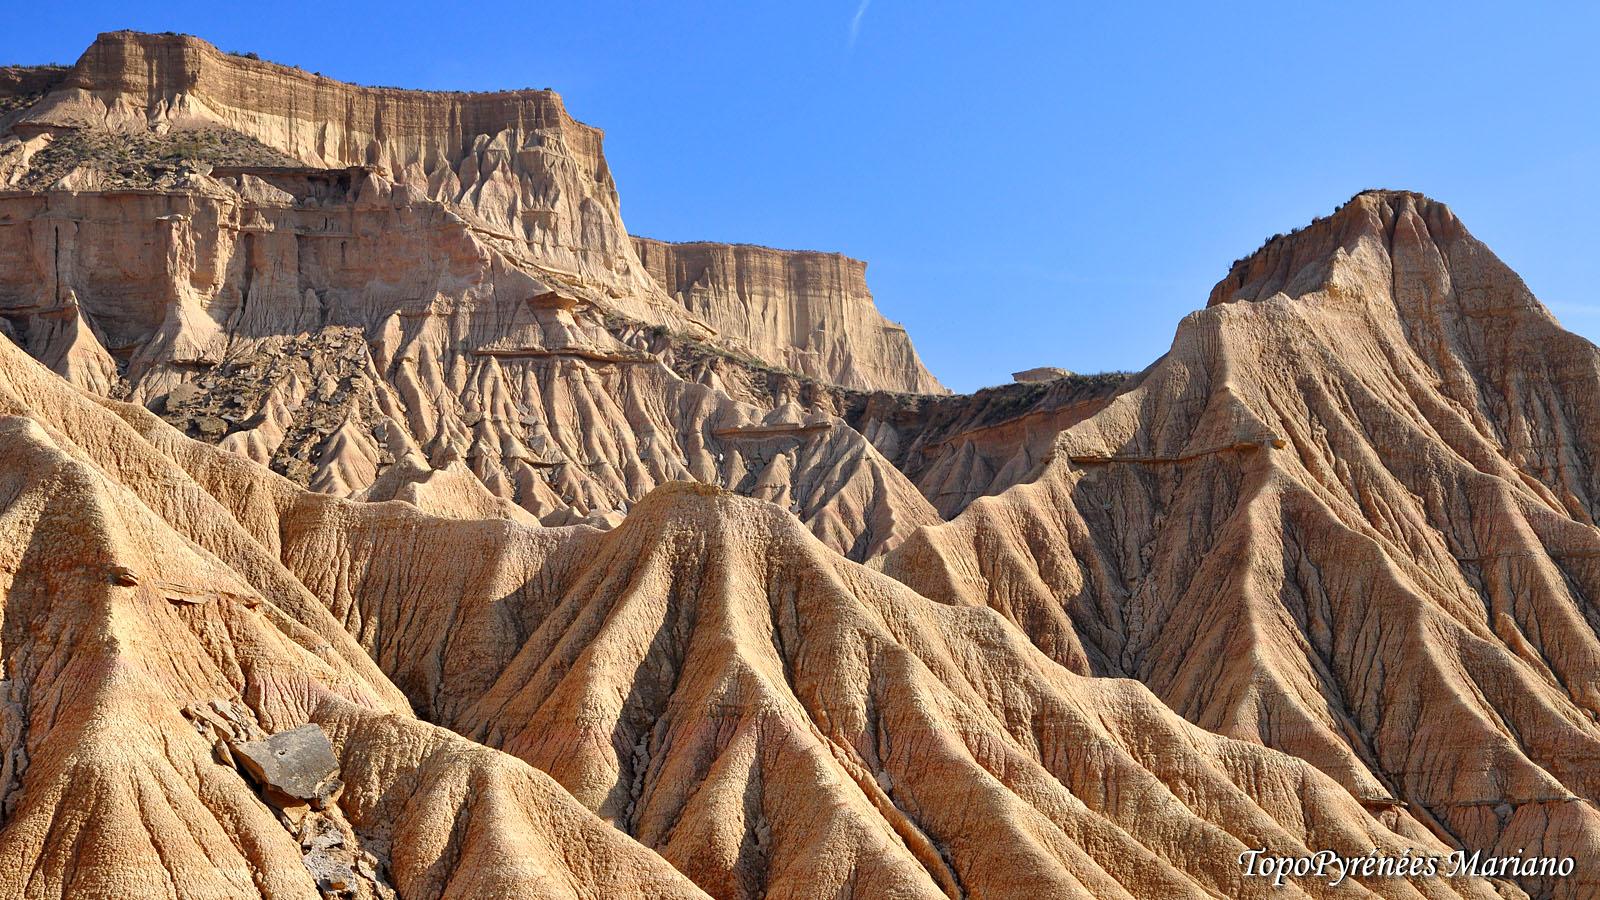 Randonnée à La Piskerra (468m) en boucle par la cabaña Piskerra et el Paso de Los Ciervos.